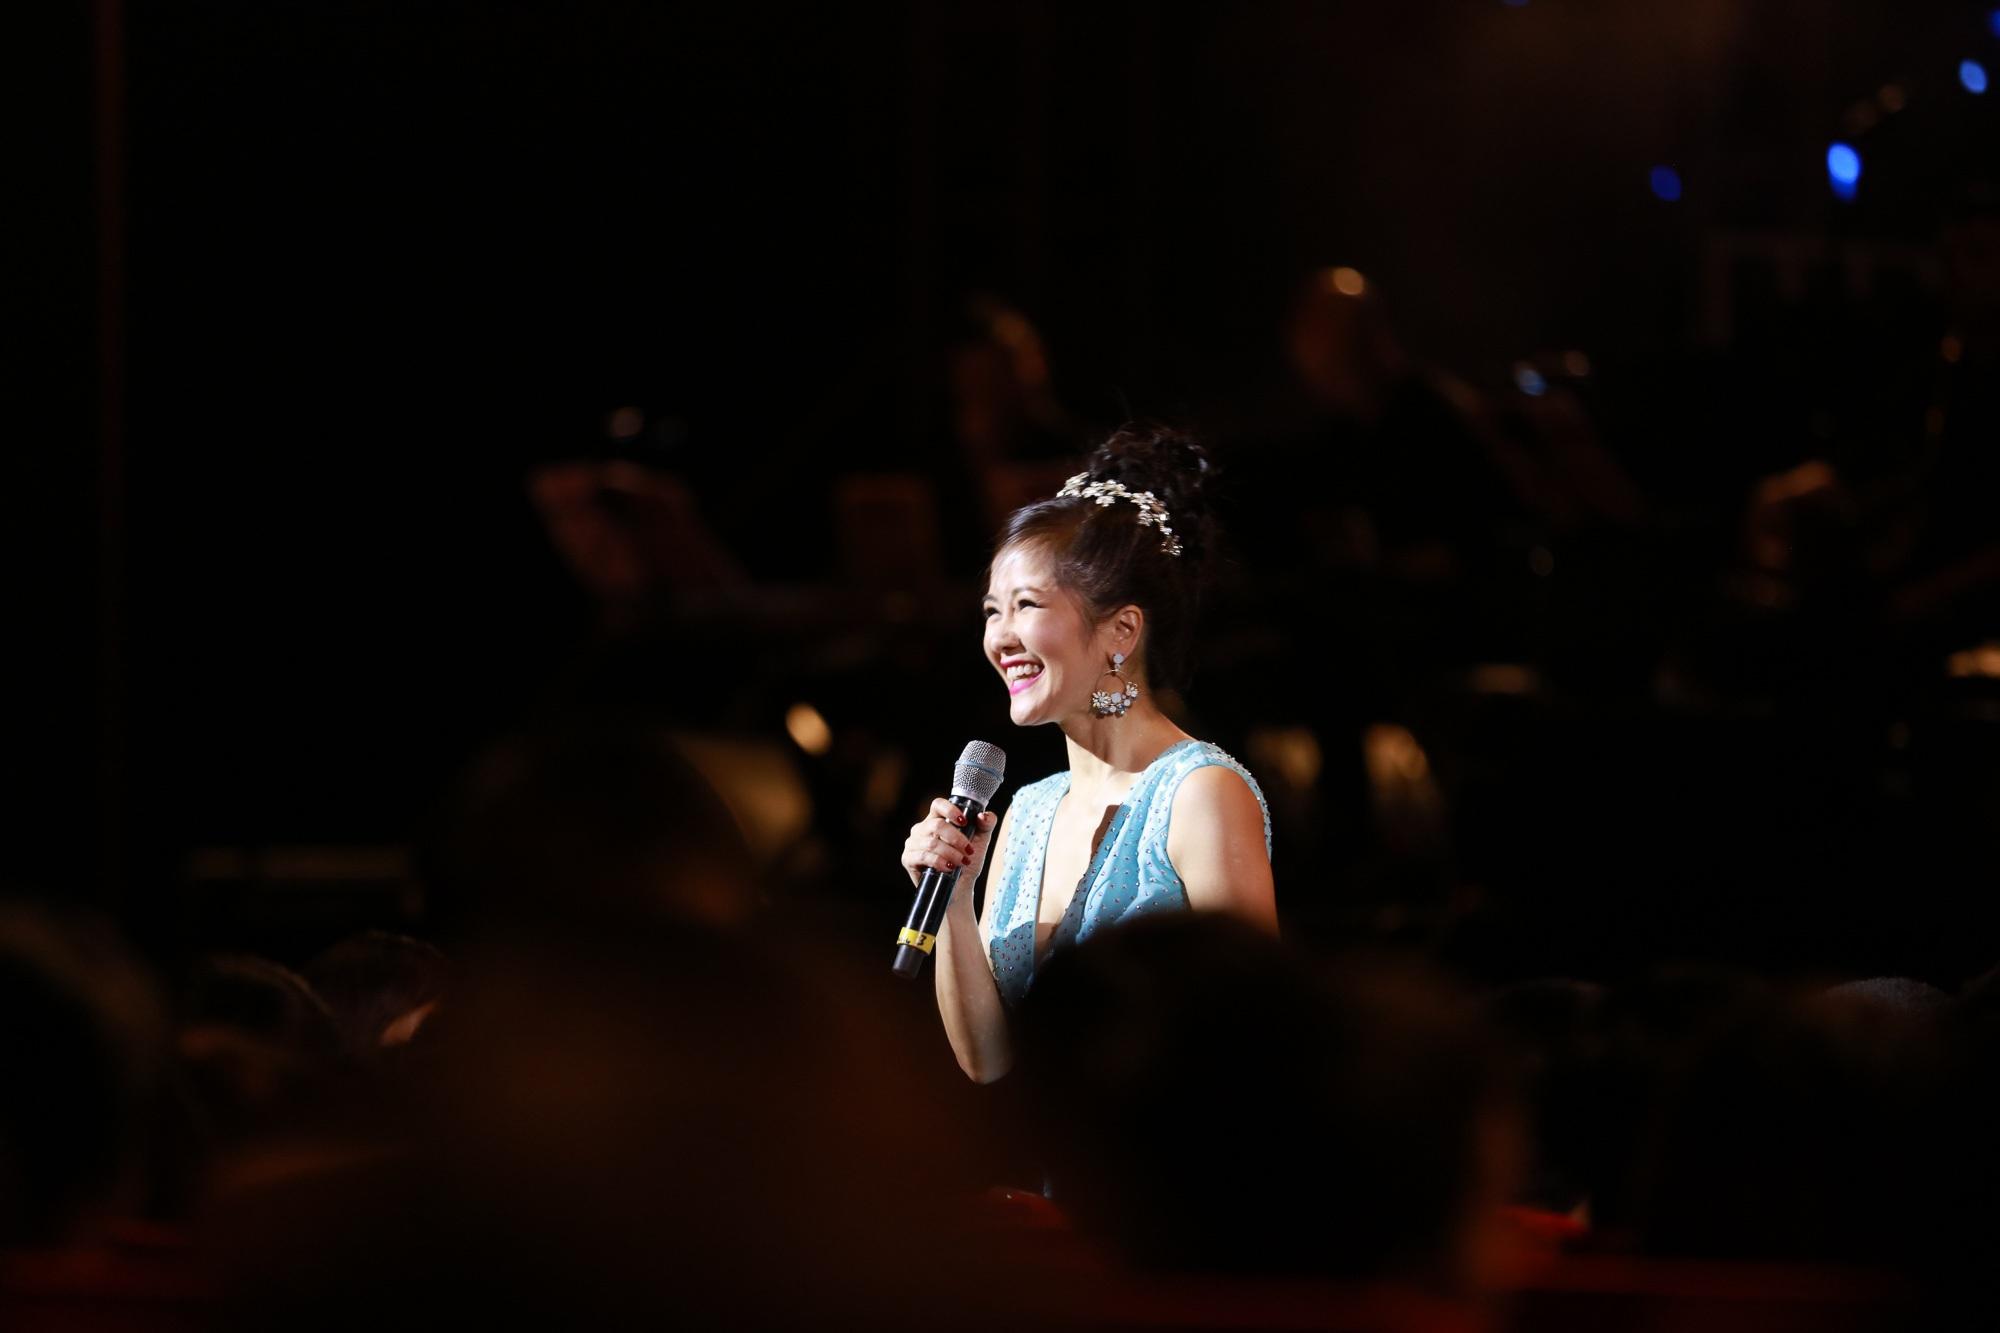 Thân thiện và gần gũi khi giao lưu với khán giả, Hồng Nhung chia sẻ, cô hạnh phúc khi được chia sẻ tiếng hát và cảm xúc đến khán giả để cuộc sống trở nên giàu có và hạnh phúc trọn vẹn